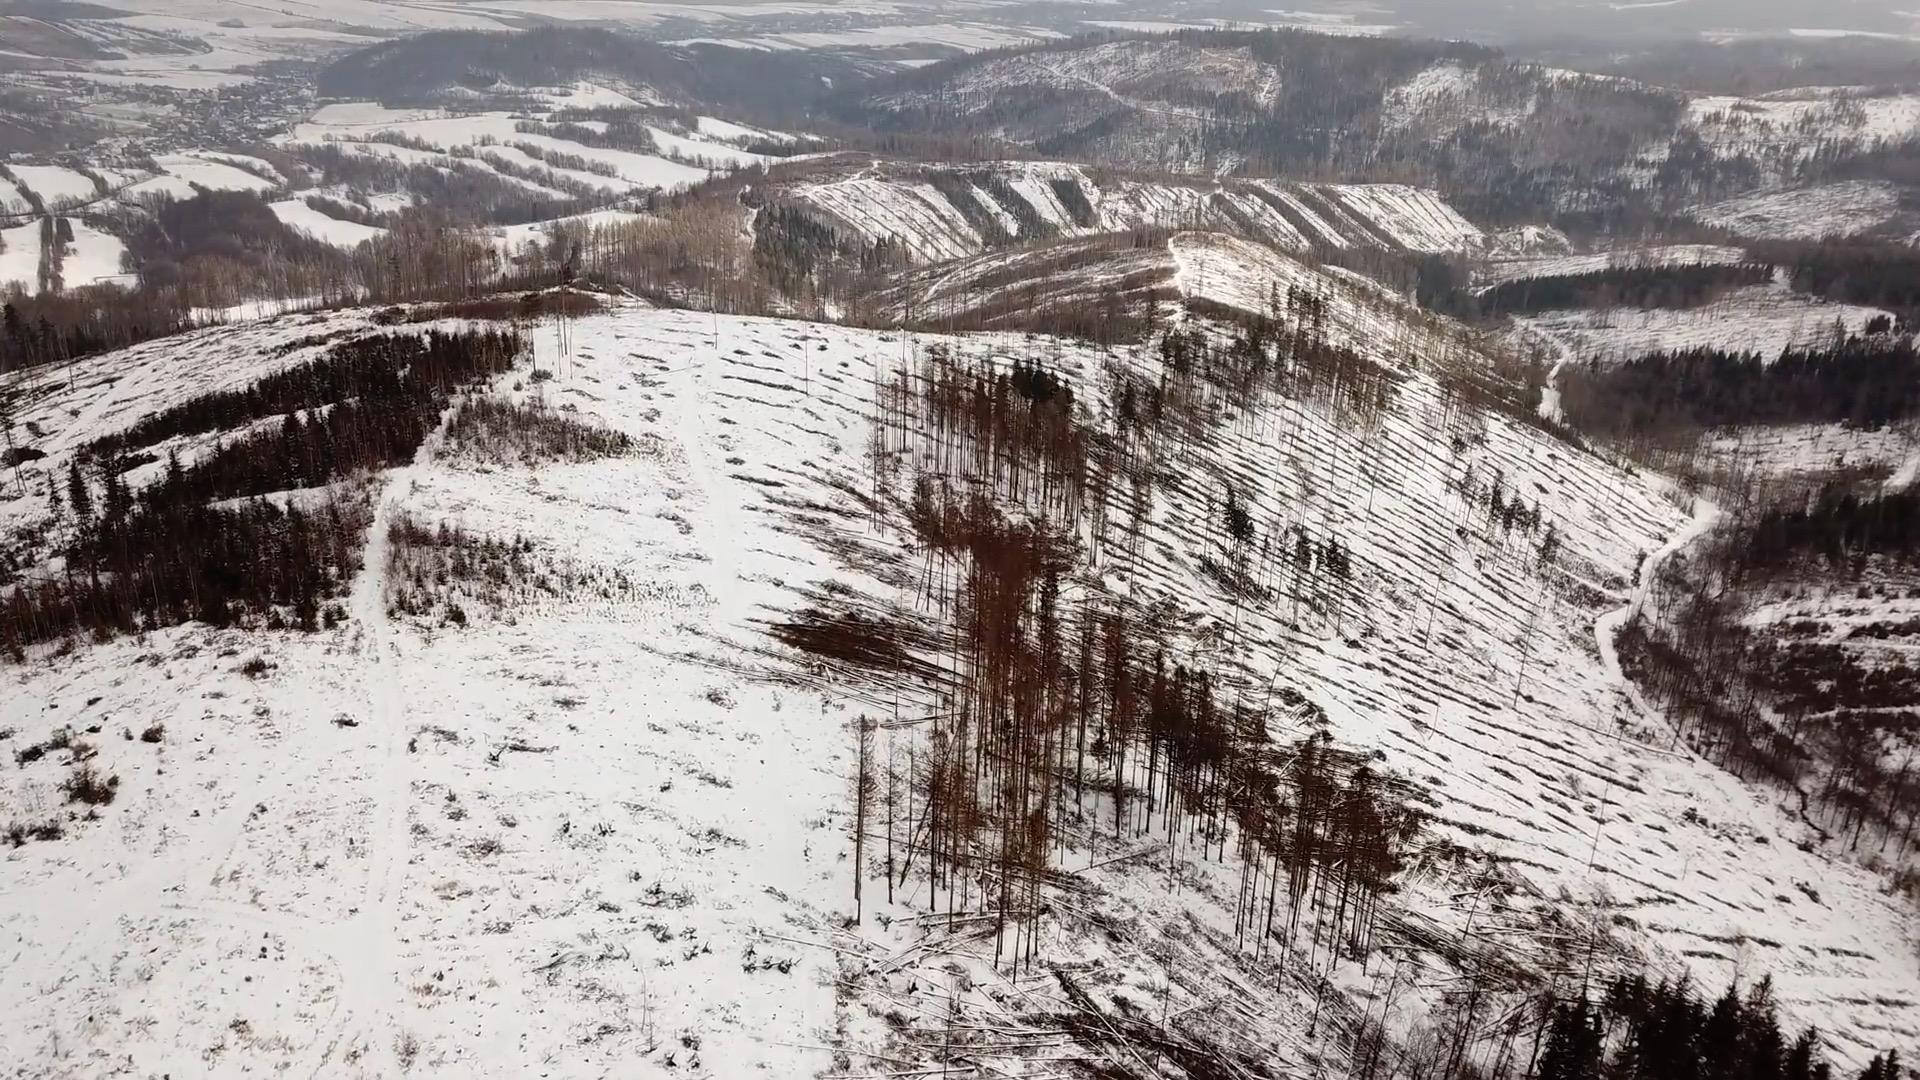 Drsný pohled z nebe na zničené lesy. Za ekologickou katastrofou v Jeseníkách stojí globální změny